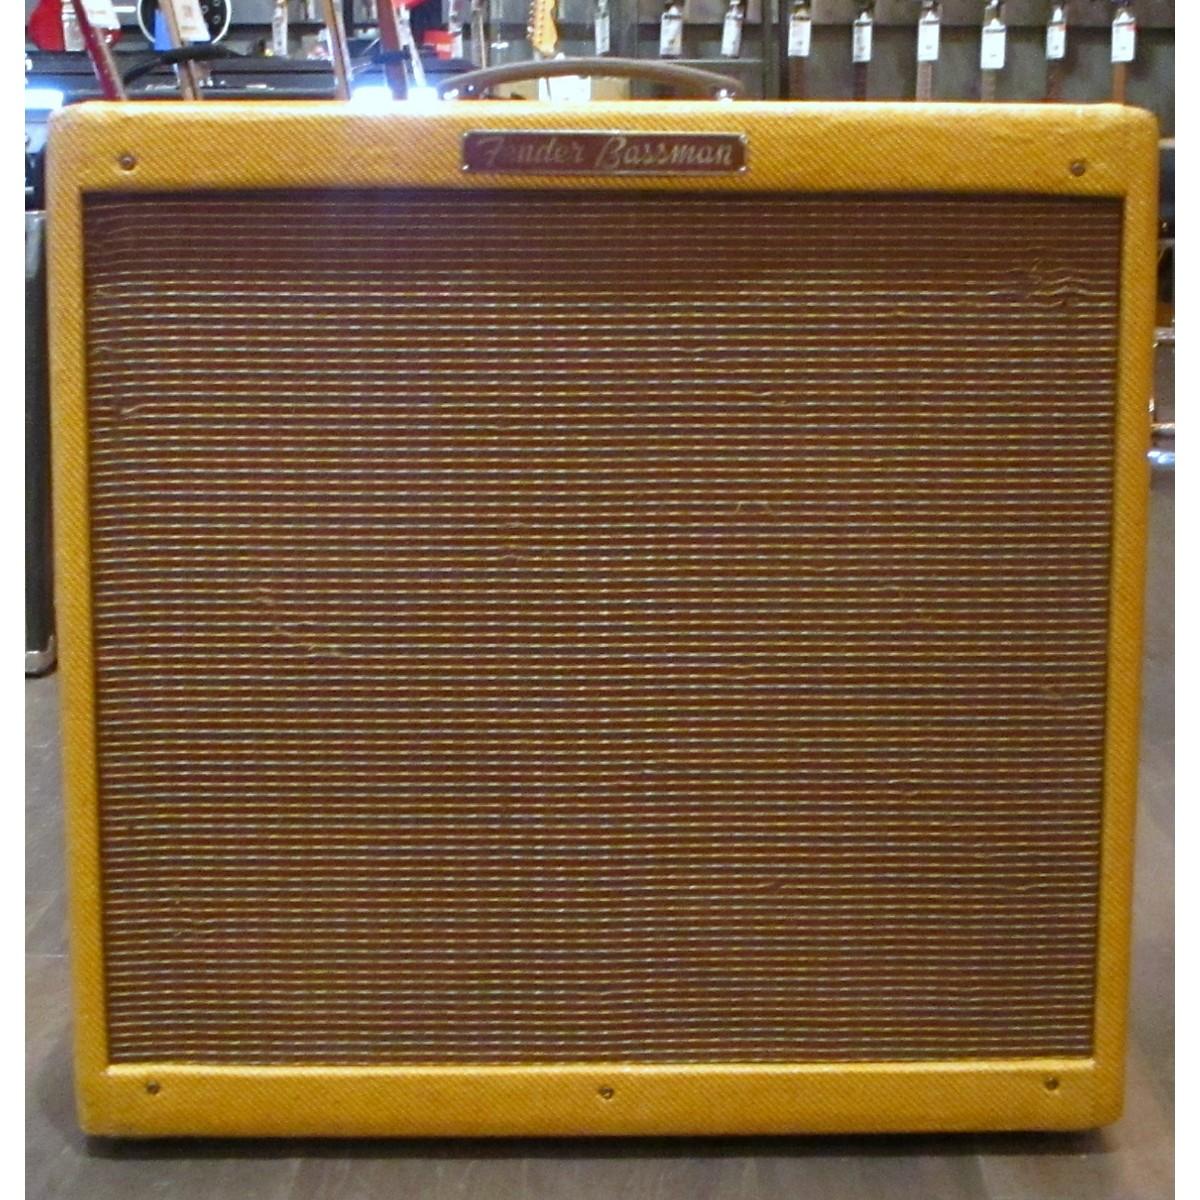 Fender 1959 BASSMAN Tube Guitar Combo Amp